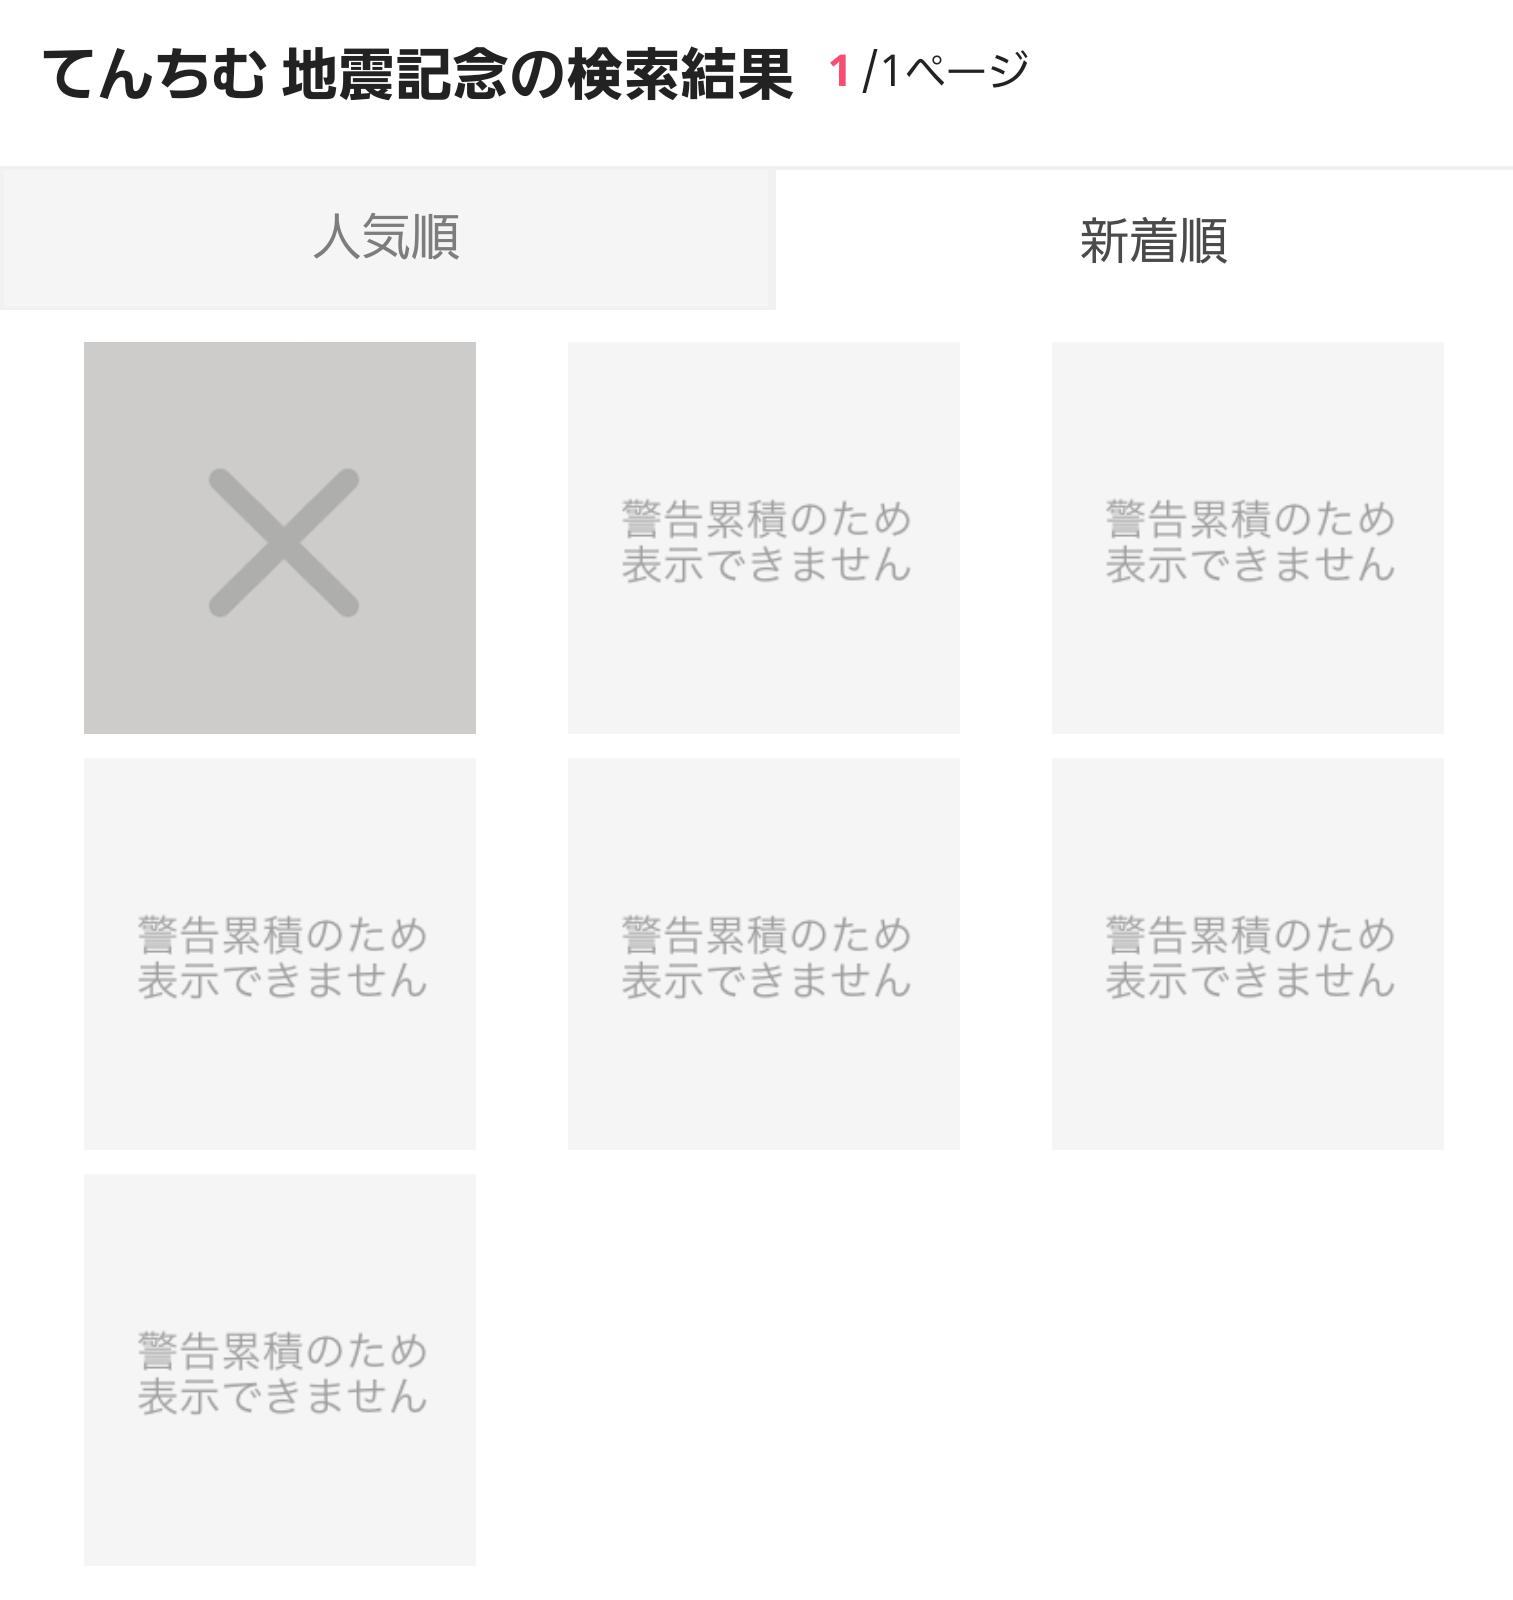 てんちむこと橋本甜歌「多分初めて」背中のタトゥー公開